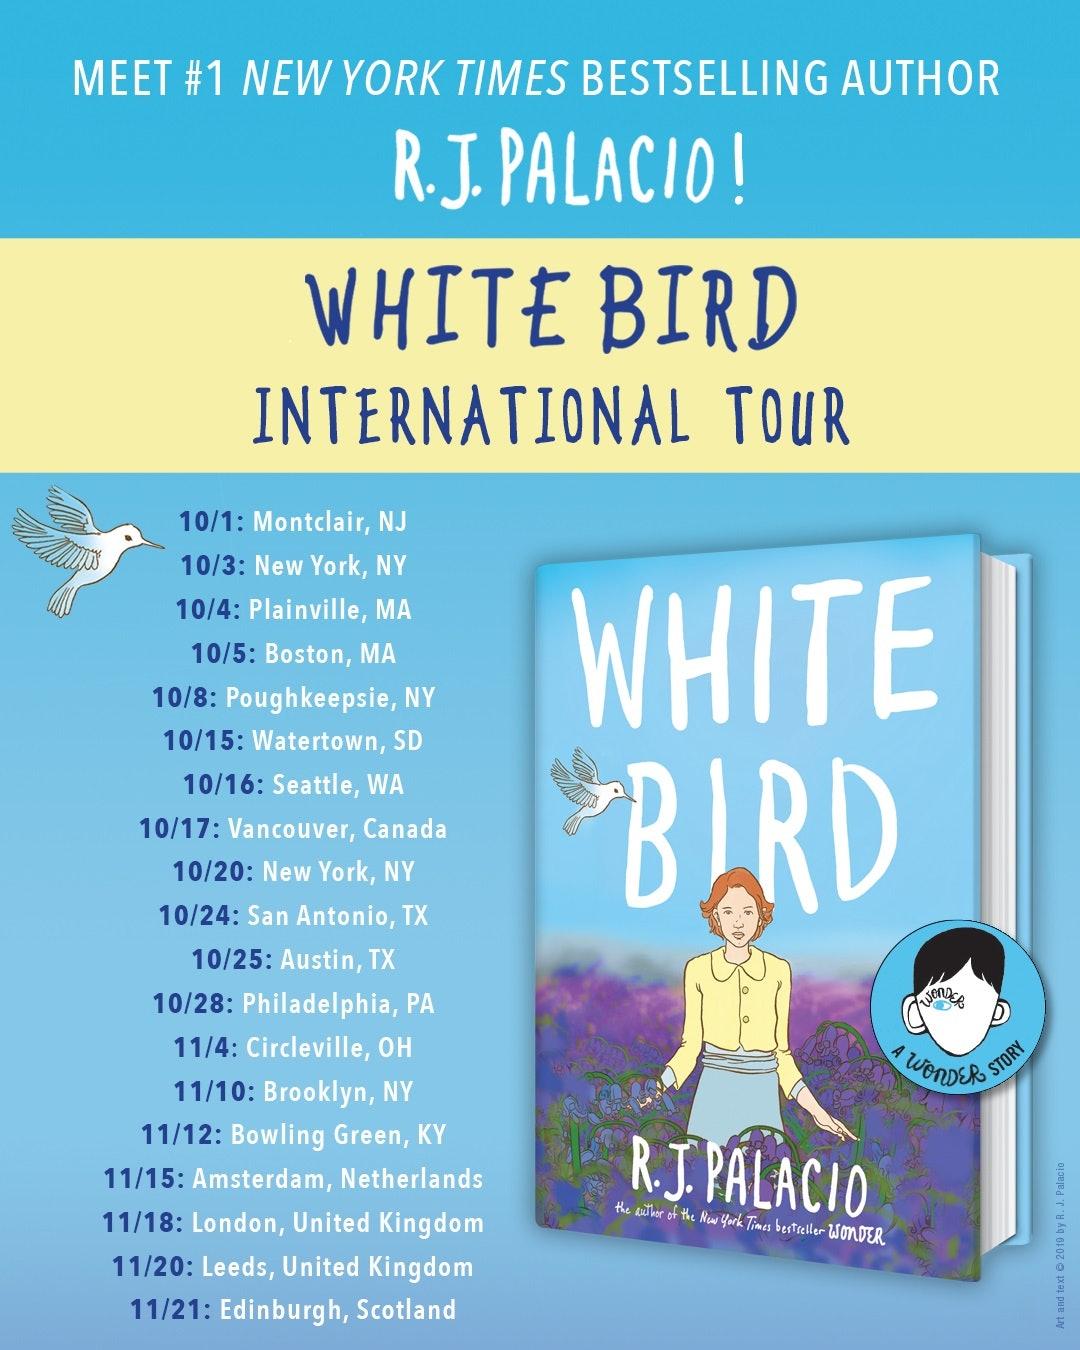 White Bird book tour dates